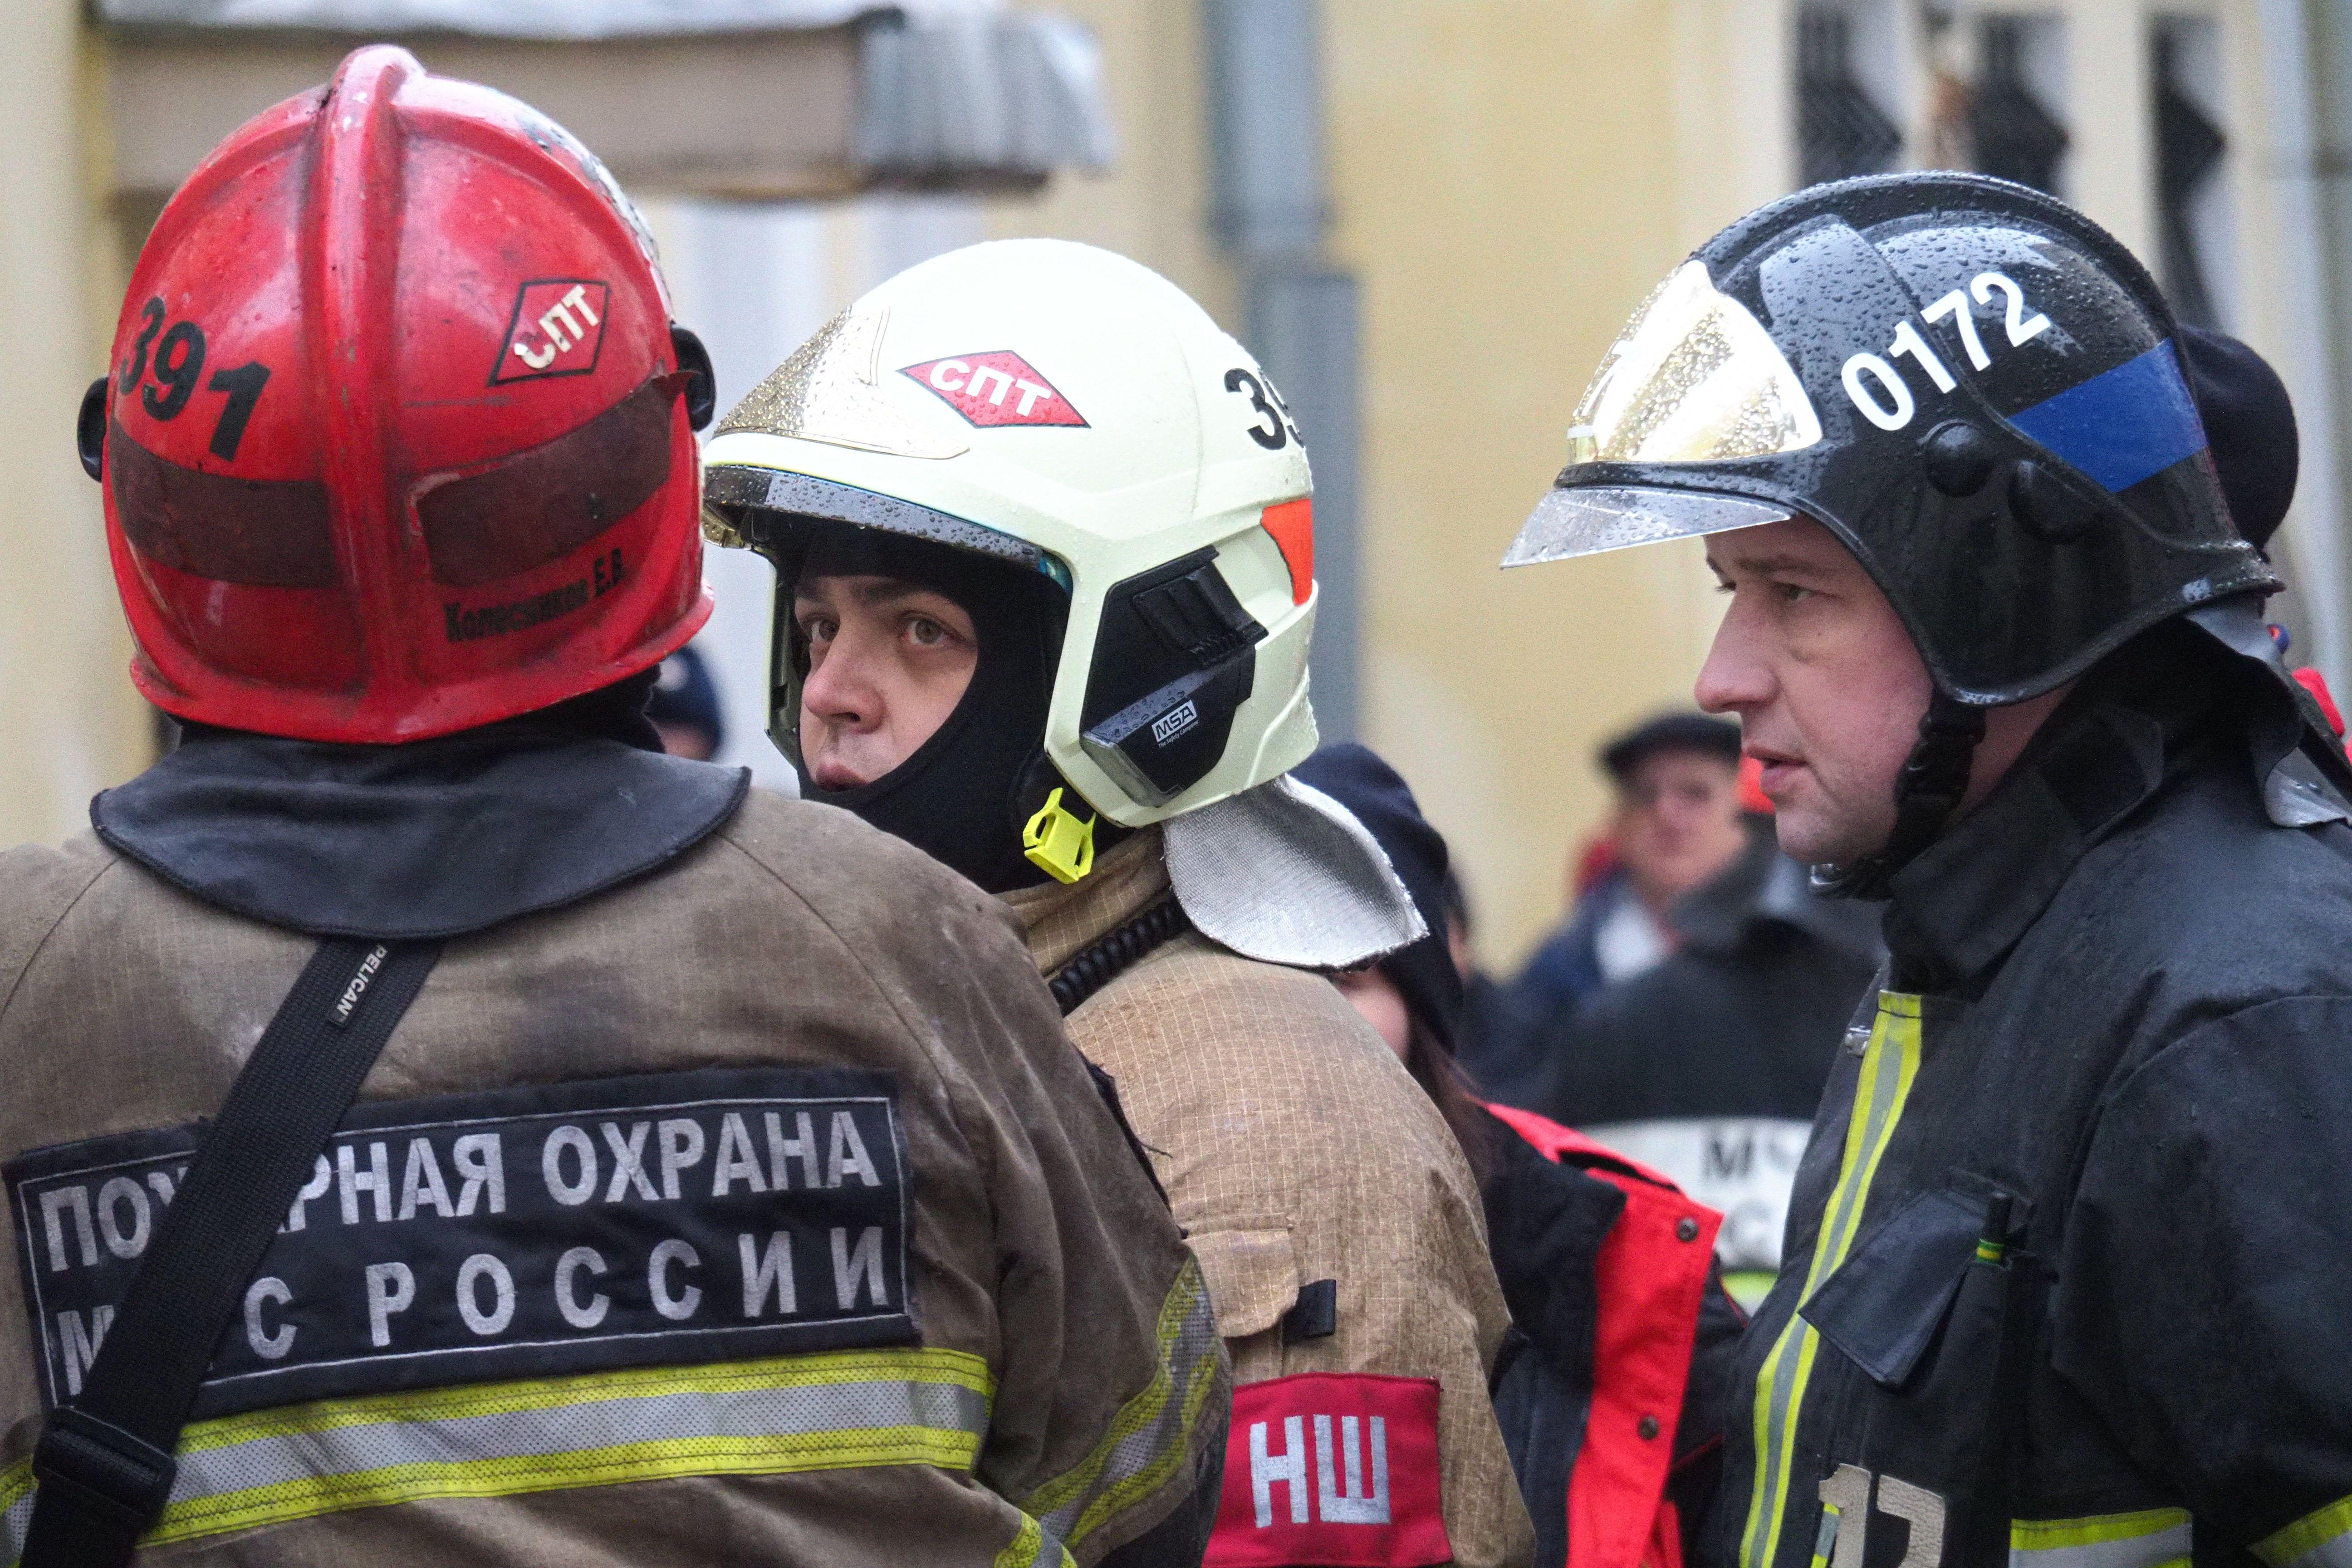 Горящий автомобиль распугал гостей торгового центра на юго-востоке Москвы